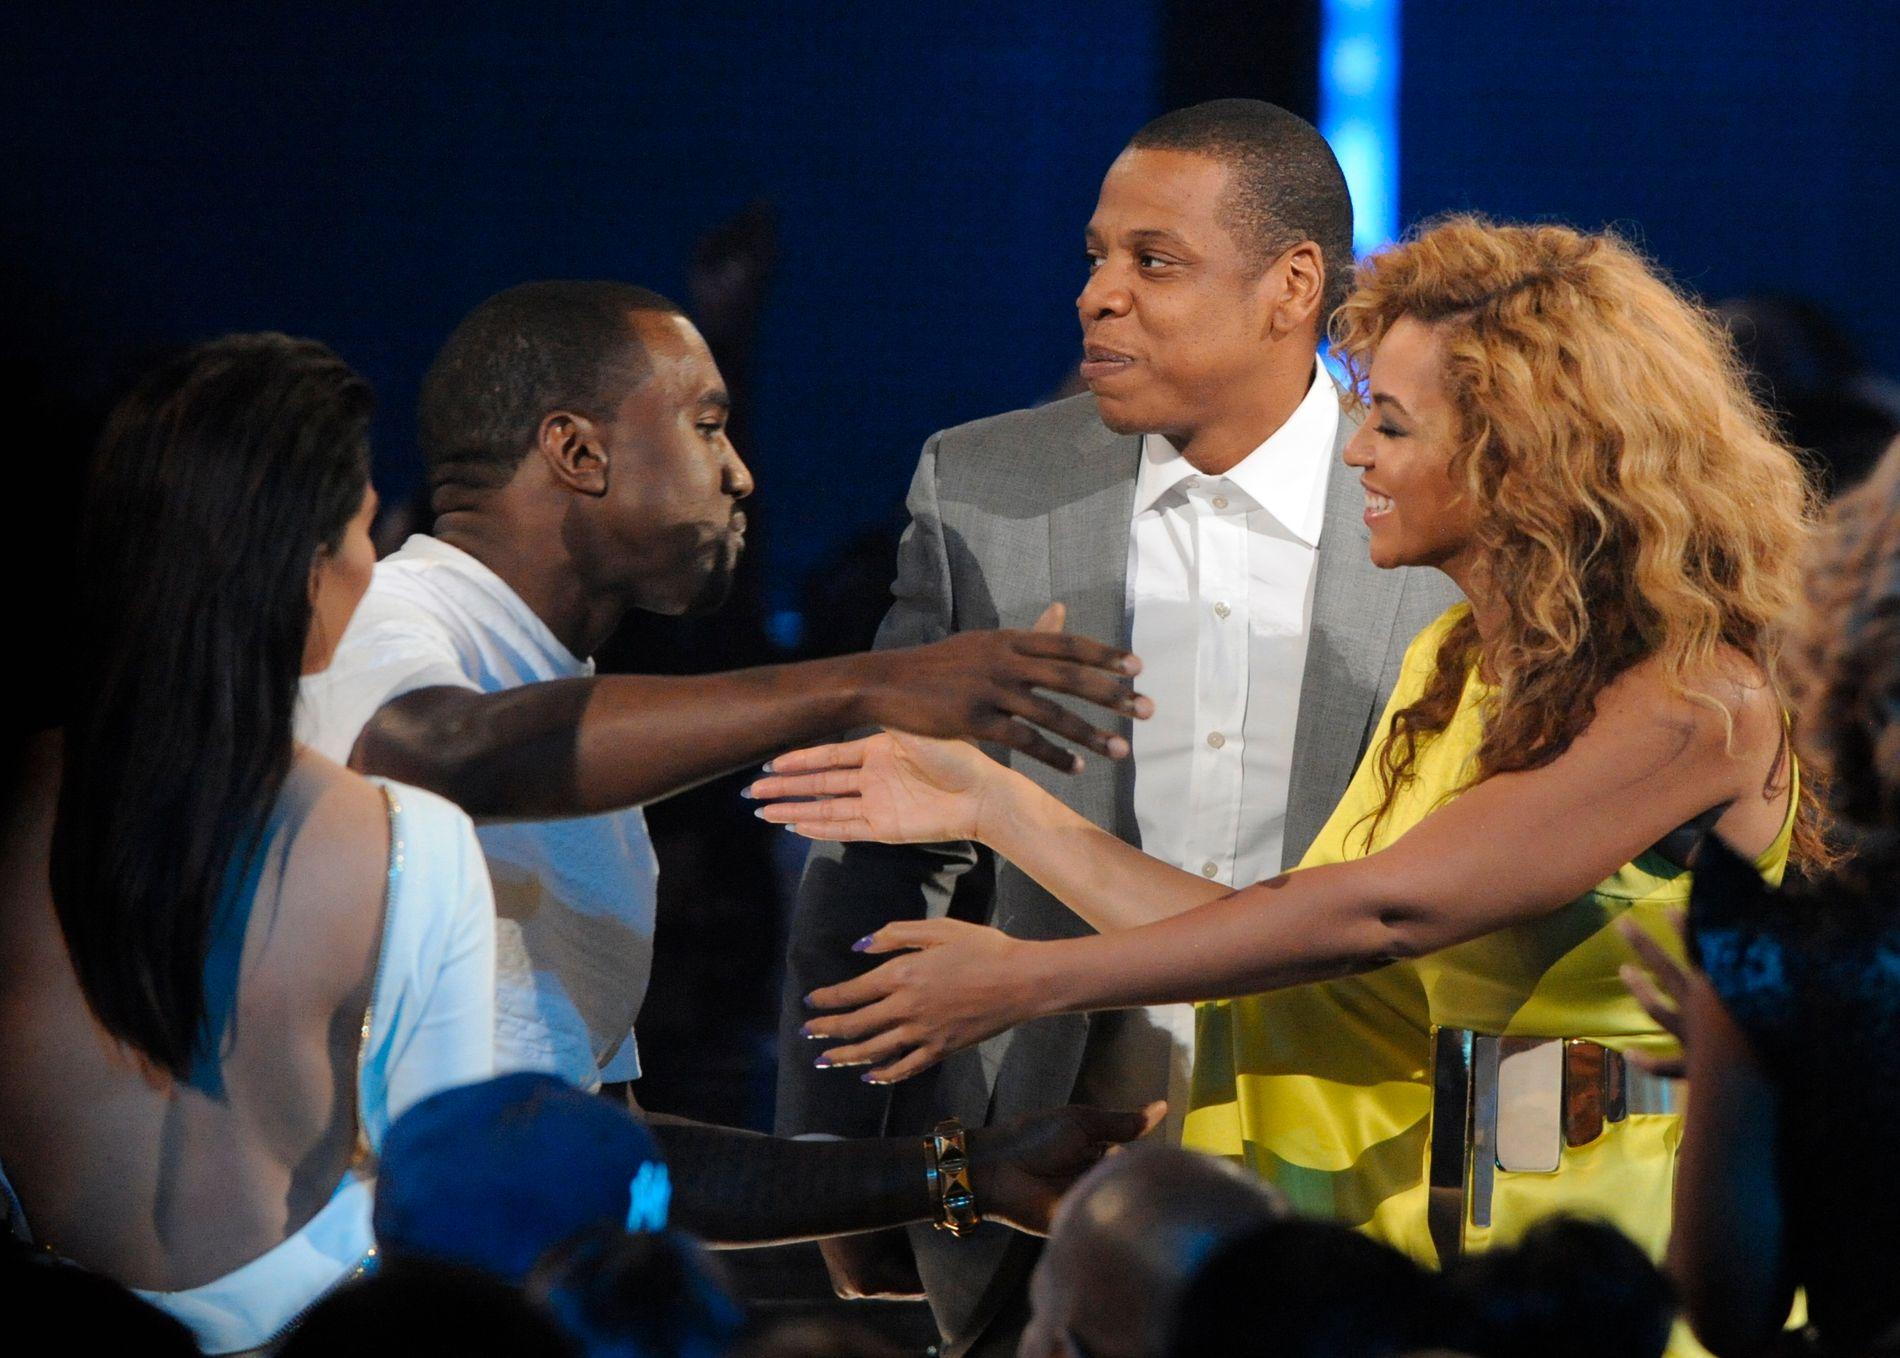 PÅ EIERSIDEN: Både Kanye West, Jay Z og Beyoncé har vært inne eller er på eiersiden i Tidal. Her er artistene sammen på BET Awards i 2012.